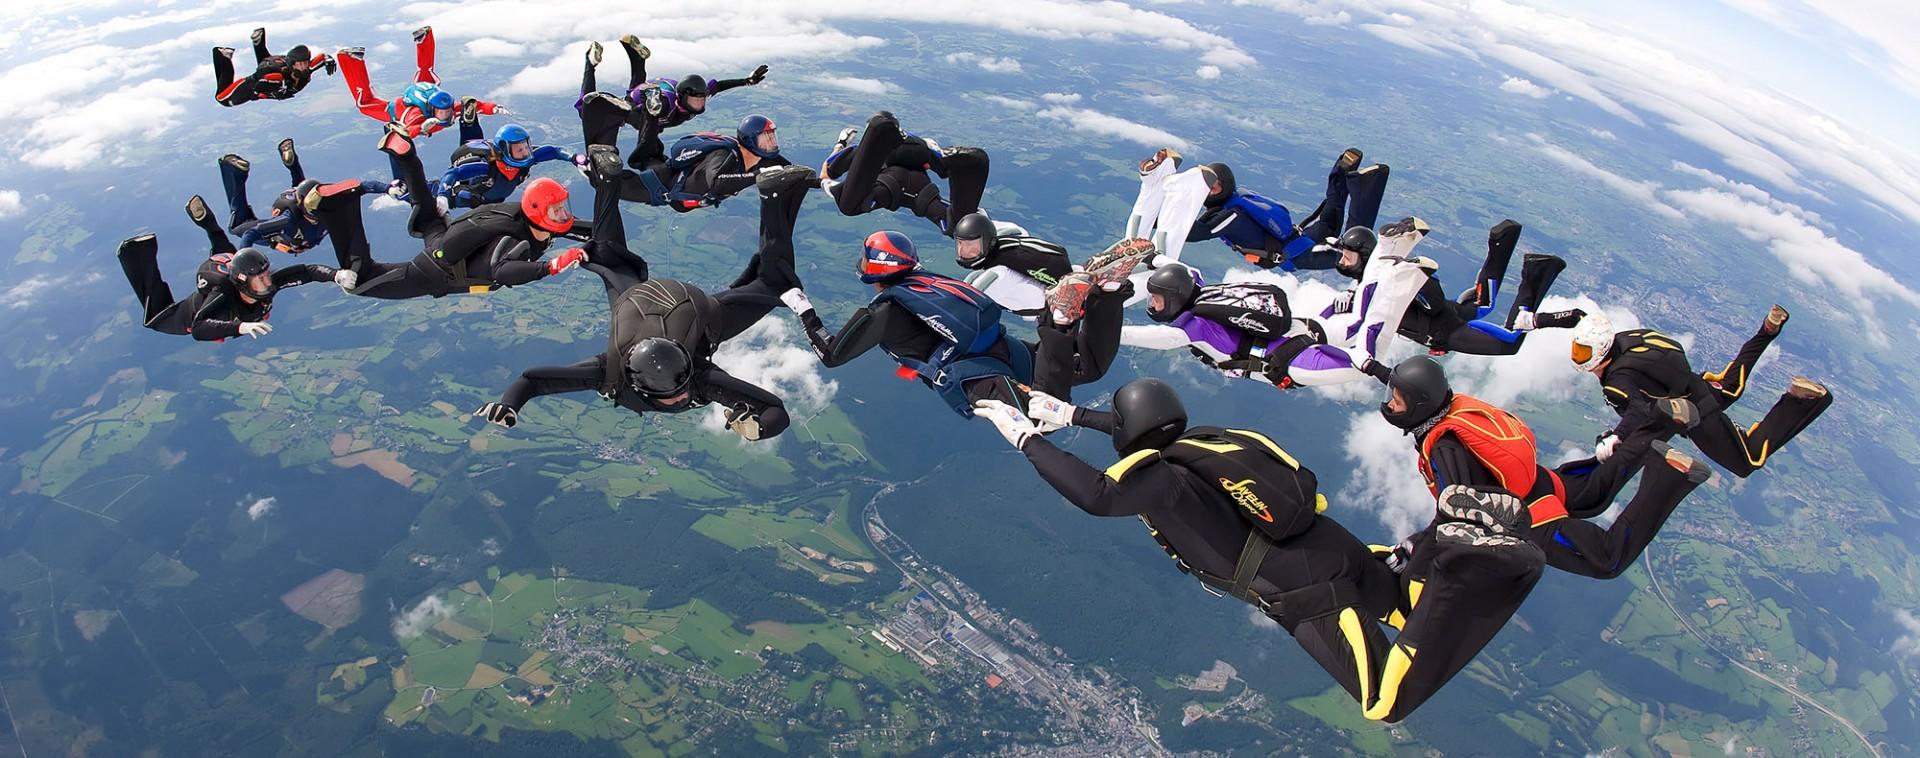 7 idées d'activités extrêmes | © Willy Boeykens